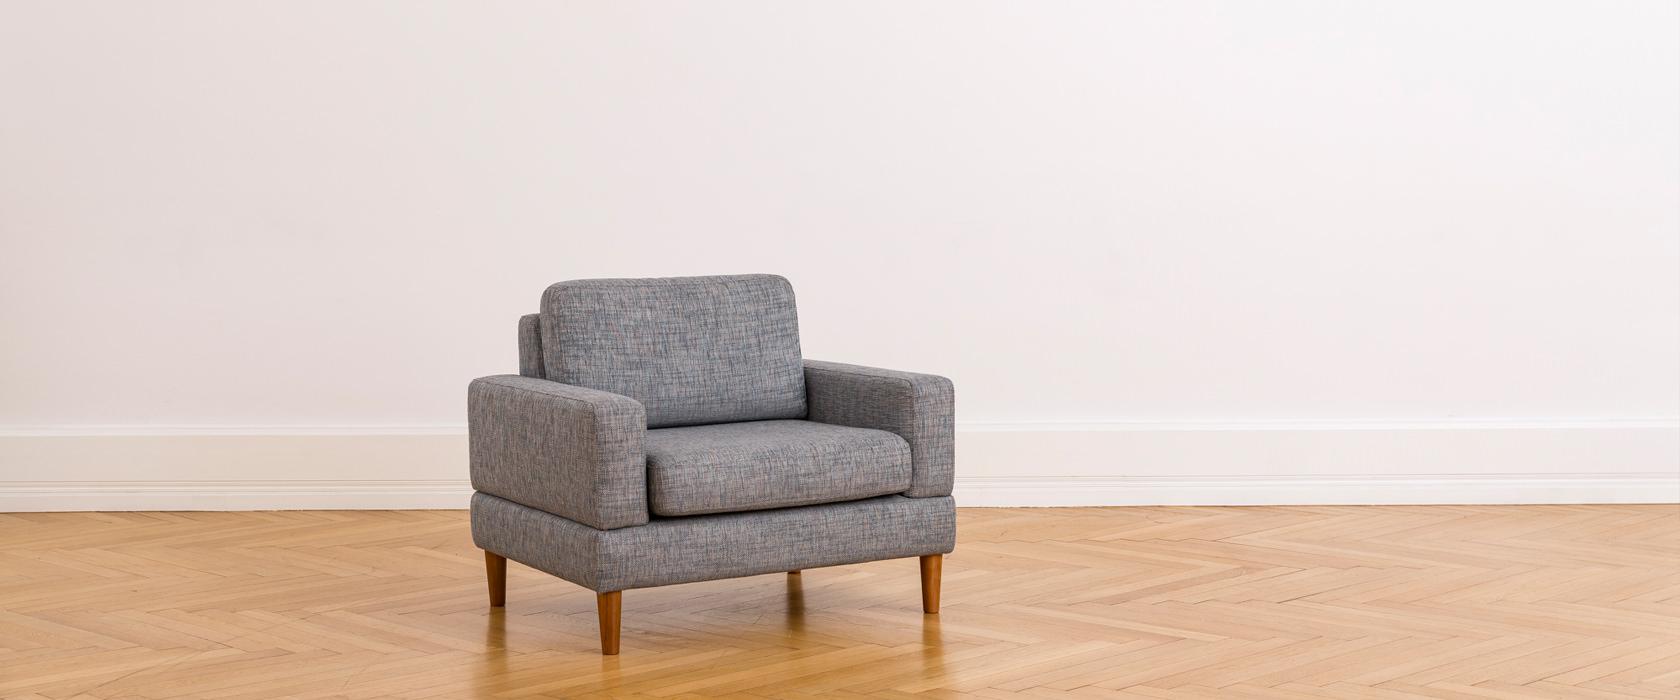 Кресло Bruno - Фото 1 - Pufetto